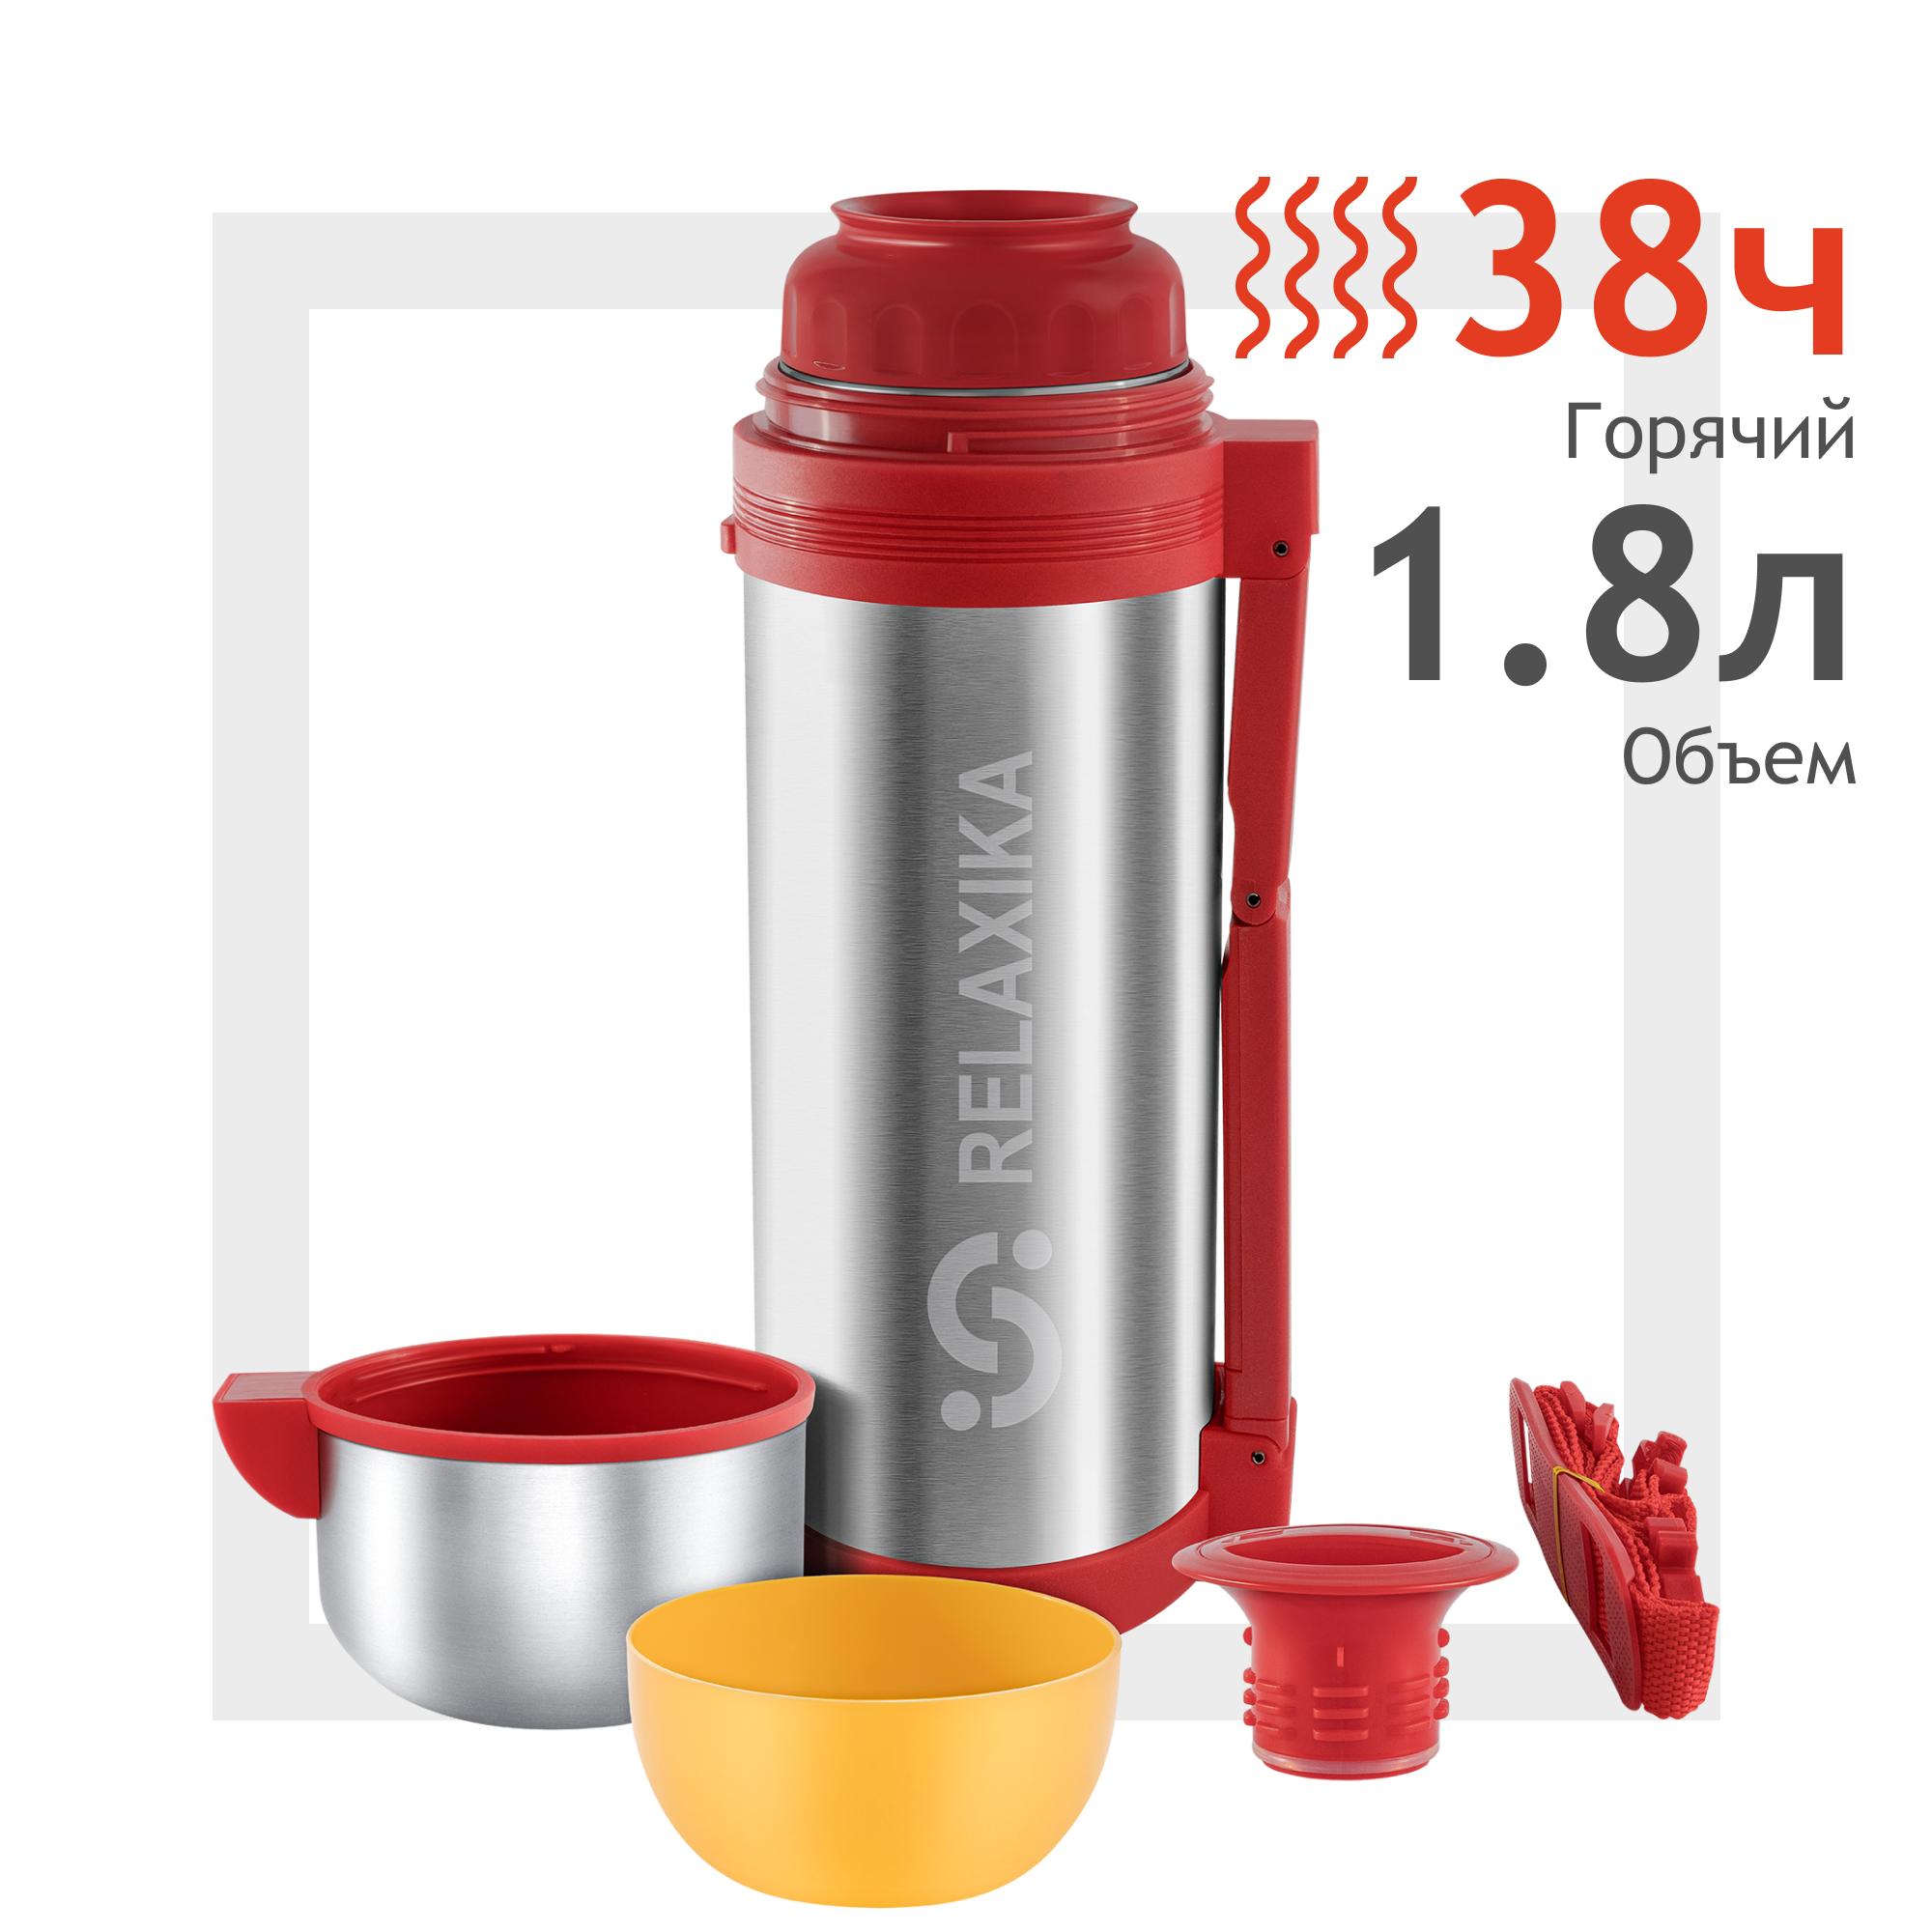 Термос универсальный (для еды и напитков) Relaxika 201 (1,8 литра), стальной